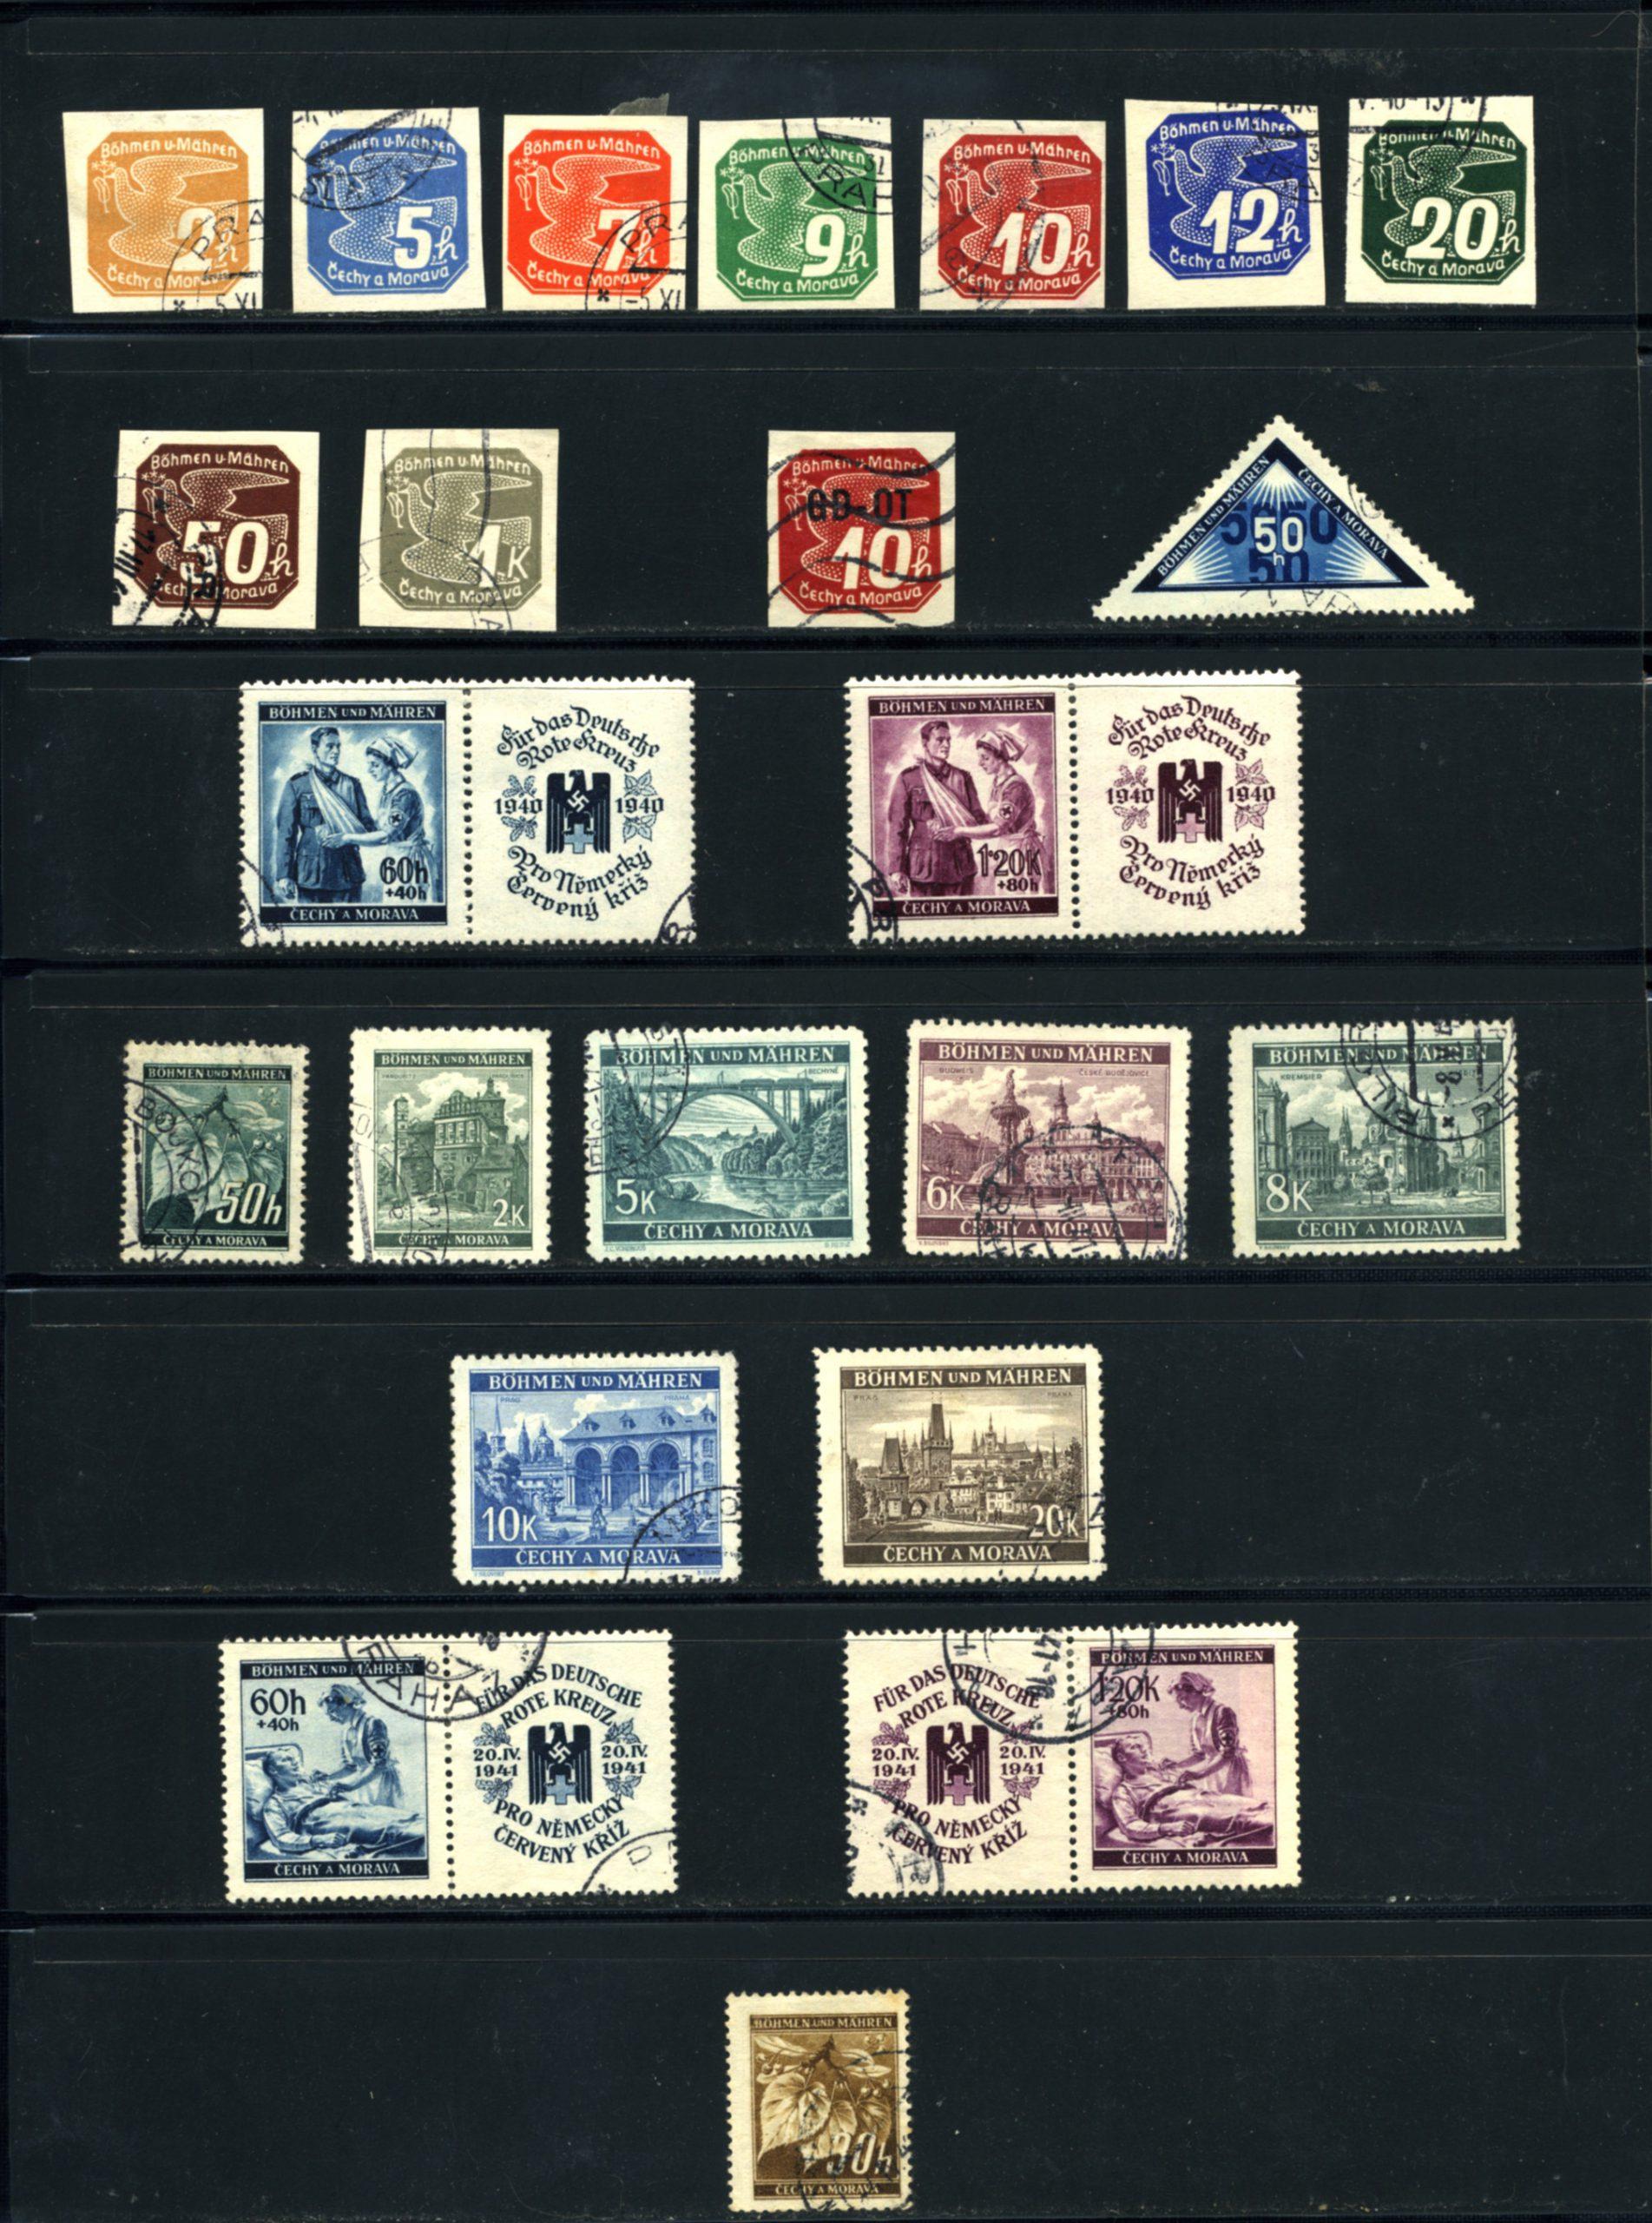 Komplet znaczków Protektorat Böhmen und Mähren 1-142 All stamps USED-7027